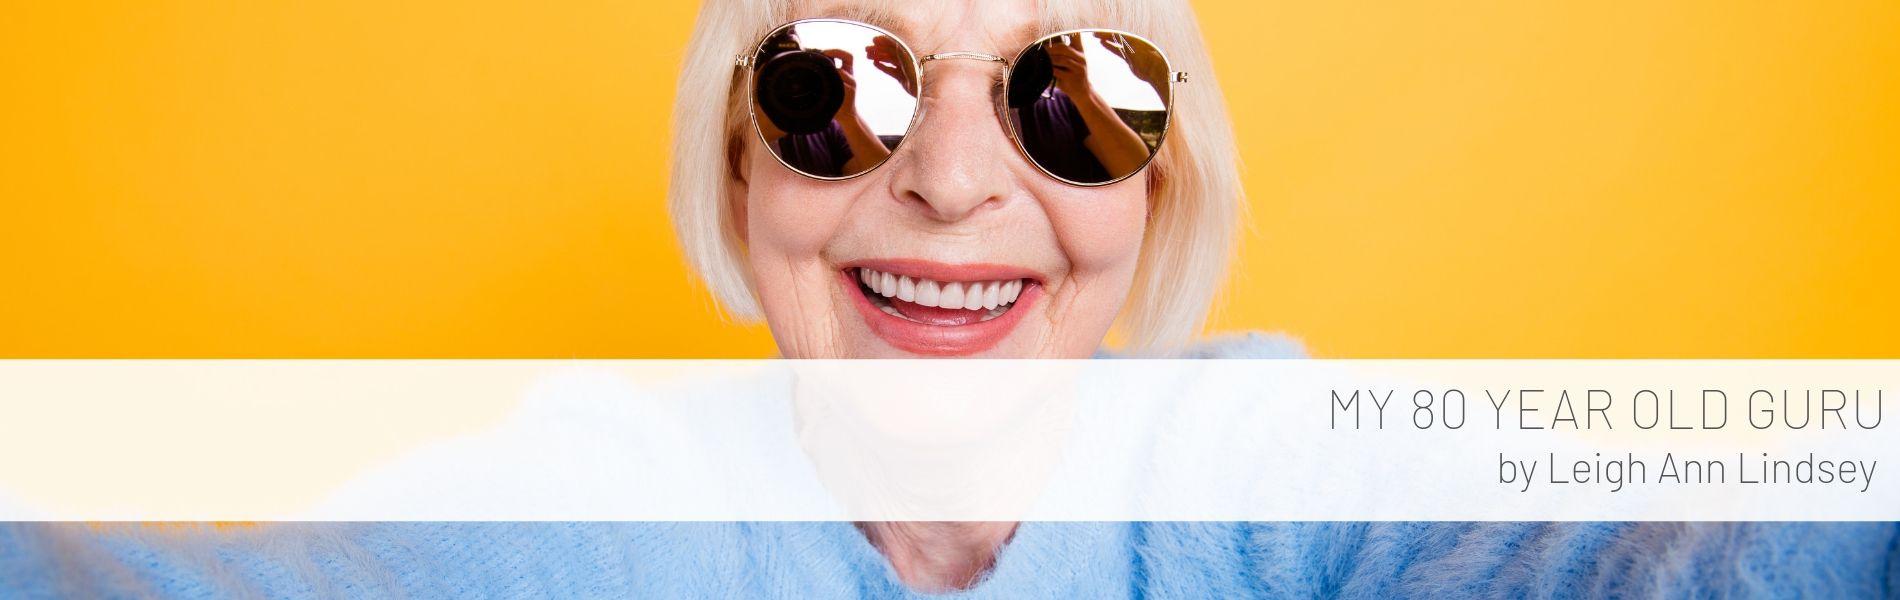 My 80 Year Old Guru by Leigh Ann Lindsey